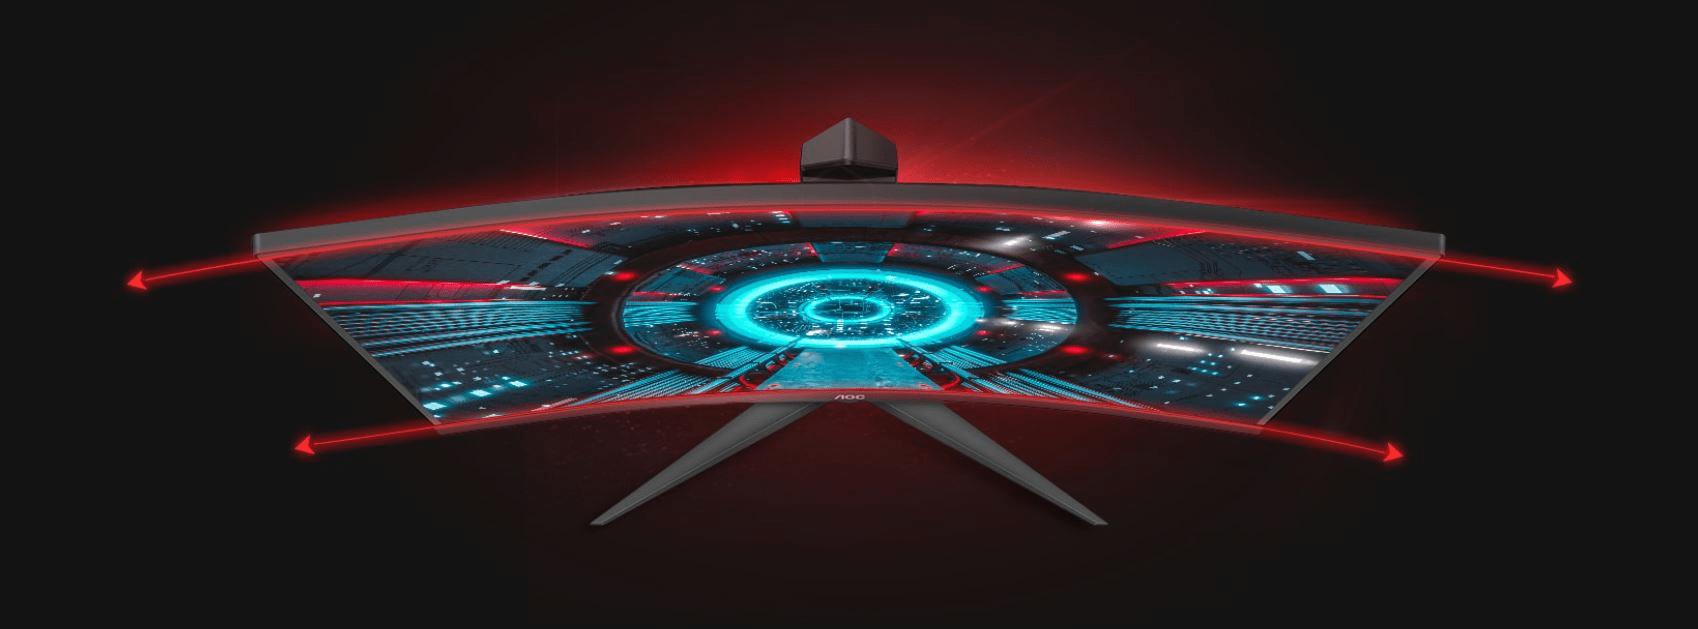 AOC C24G2AE gaming monitor (C24G2AE/BK) 1 ms odziv oblika brez okvirja